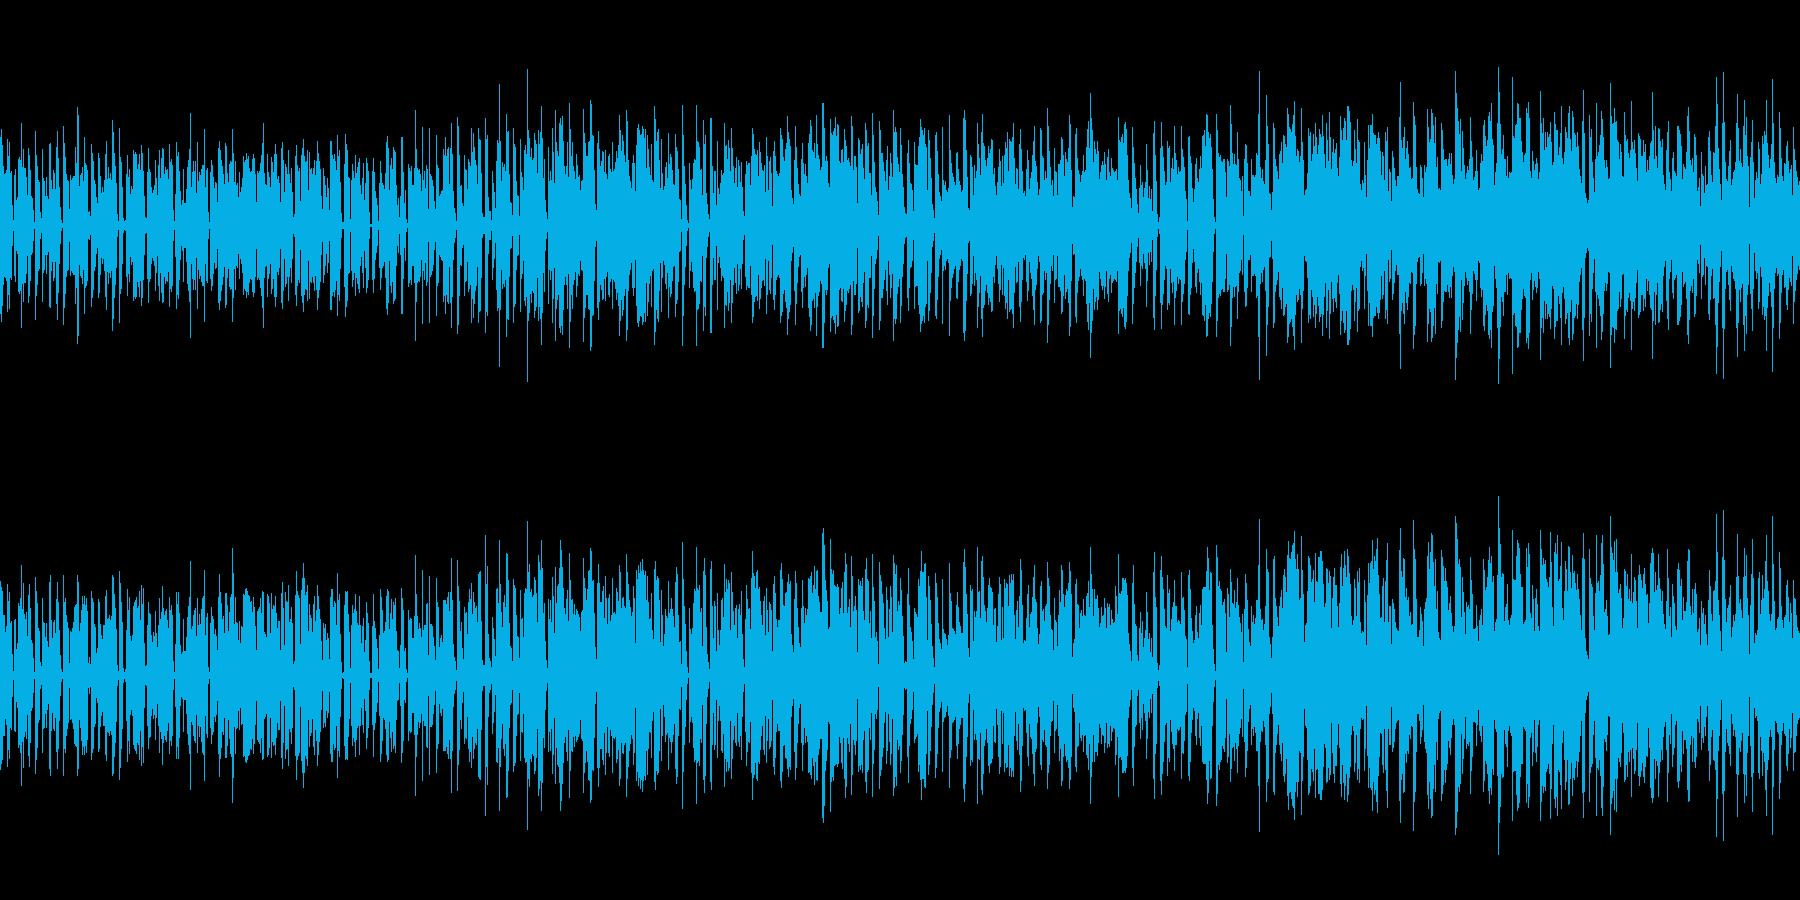 異世界の村 (ループ仕様)の再生済みの波形